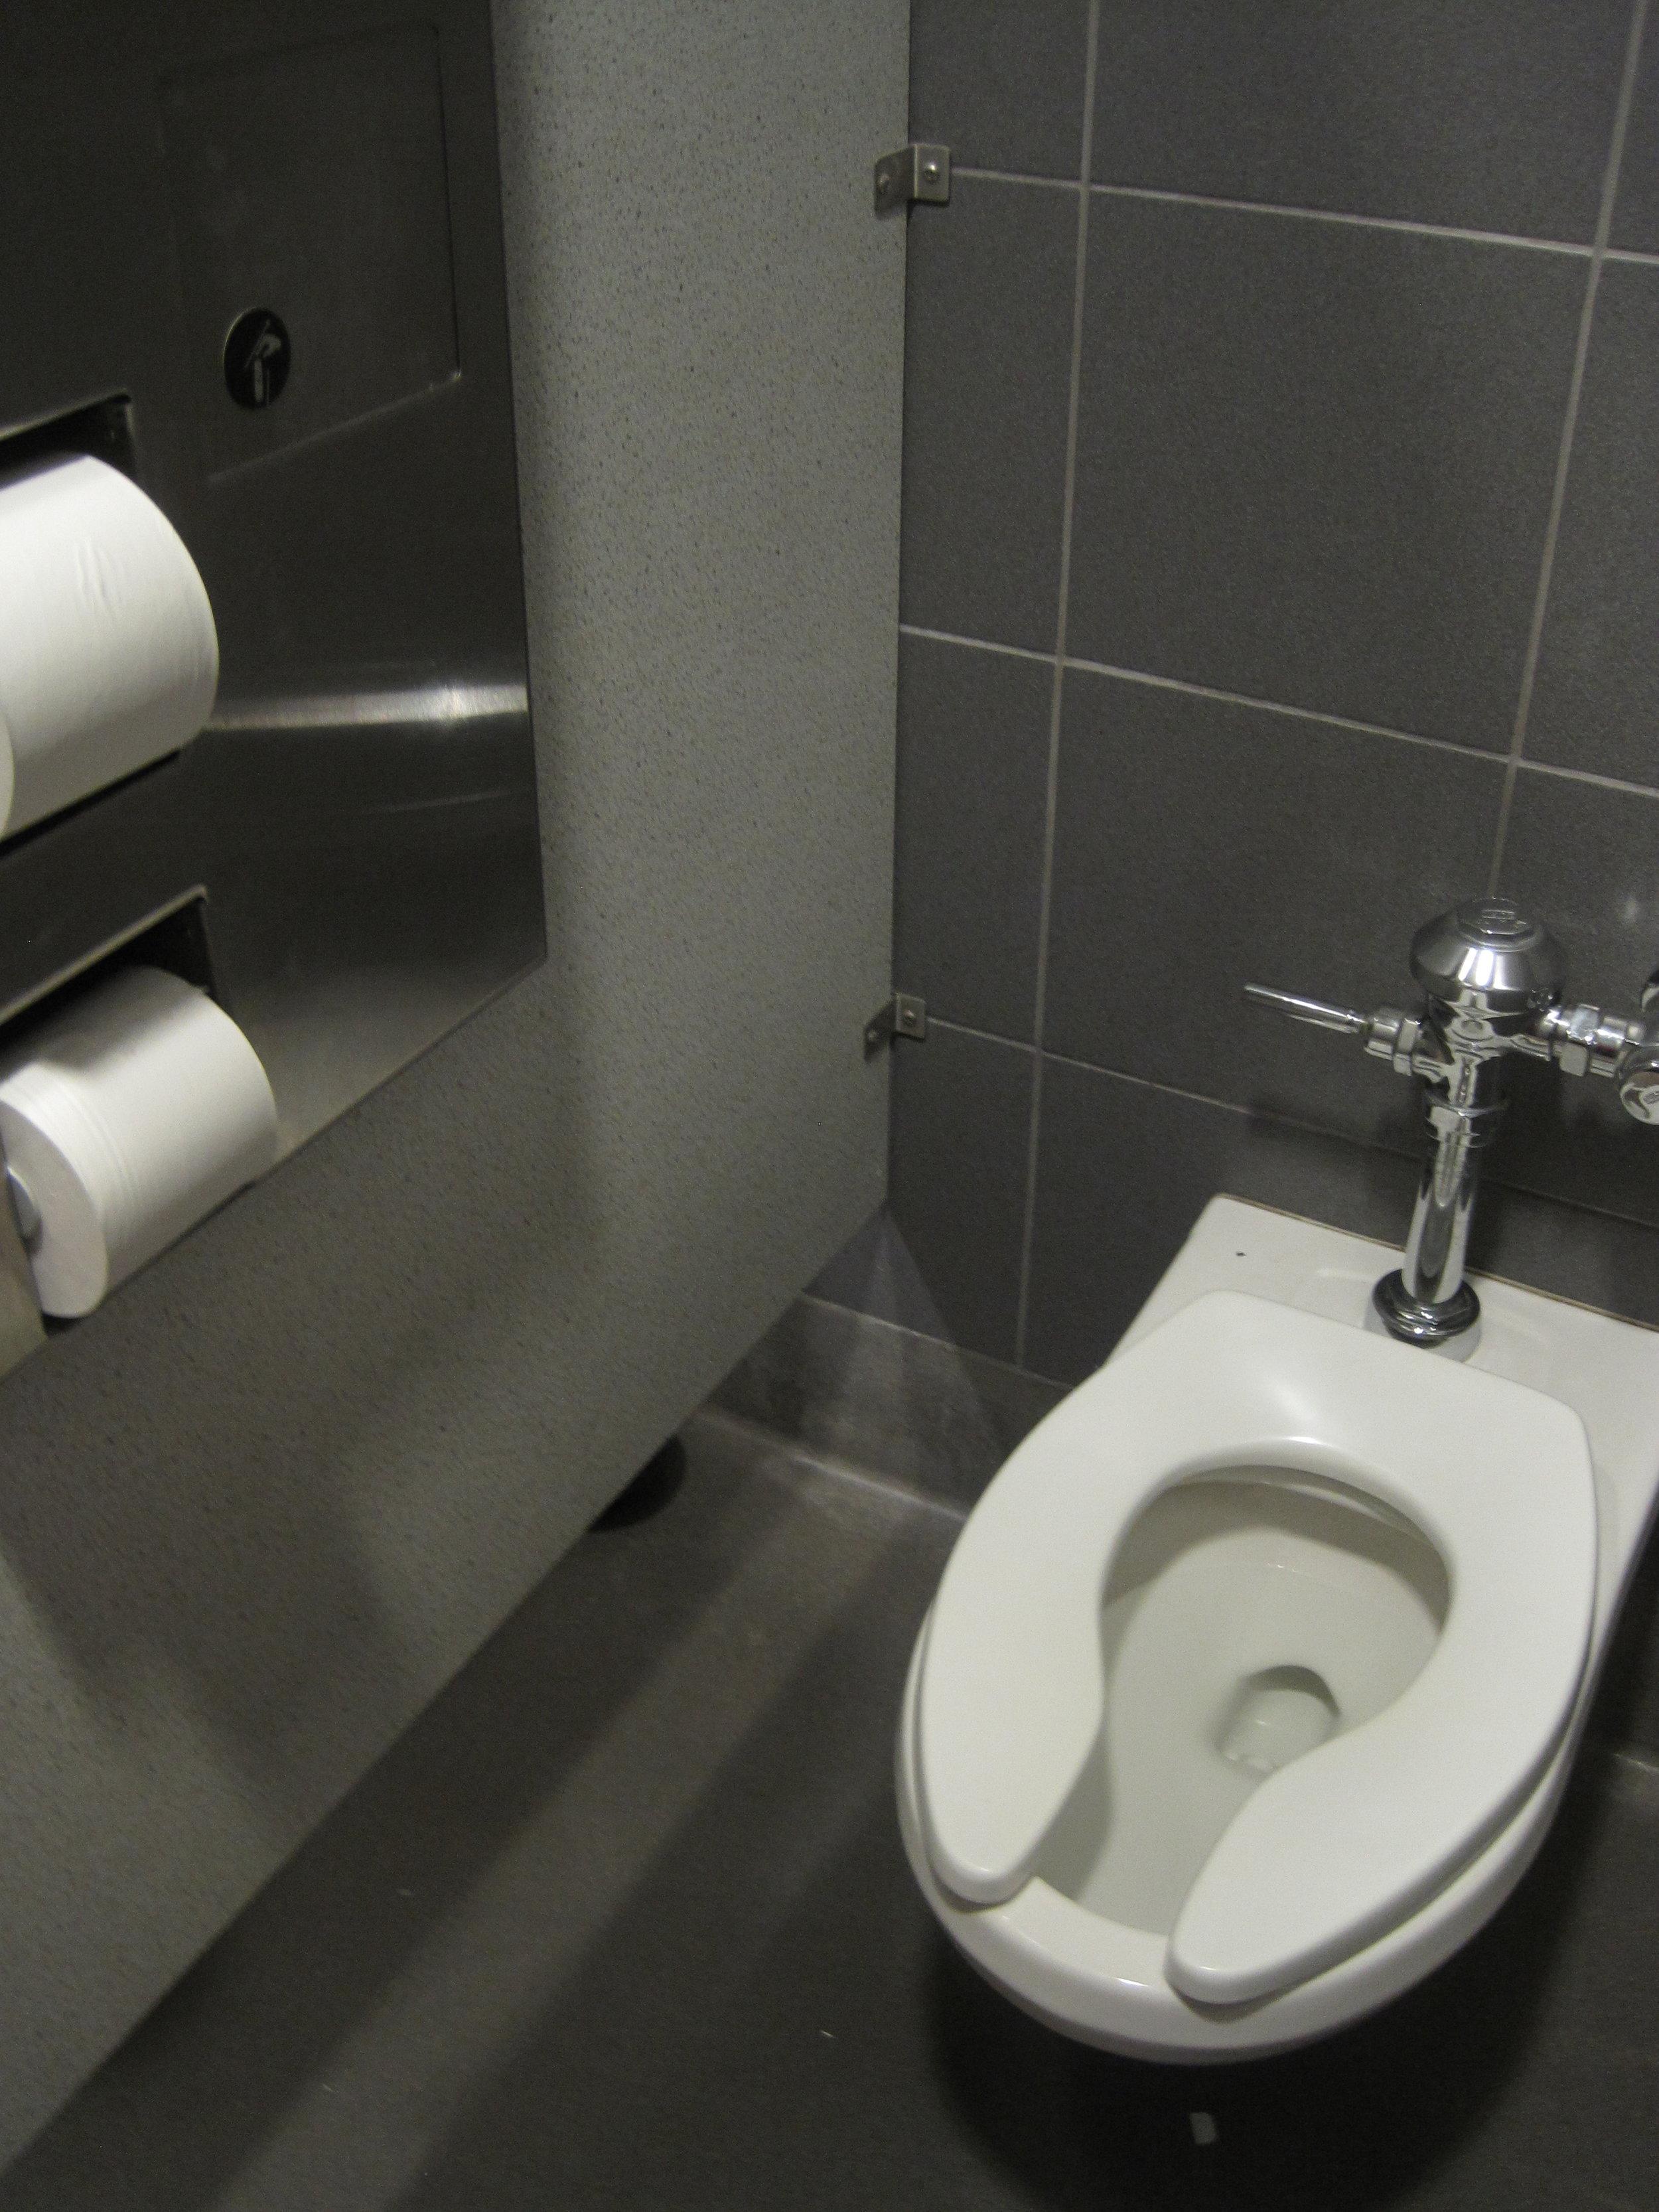 Sculpture Class_toilet - original.jpg